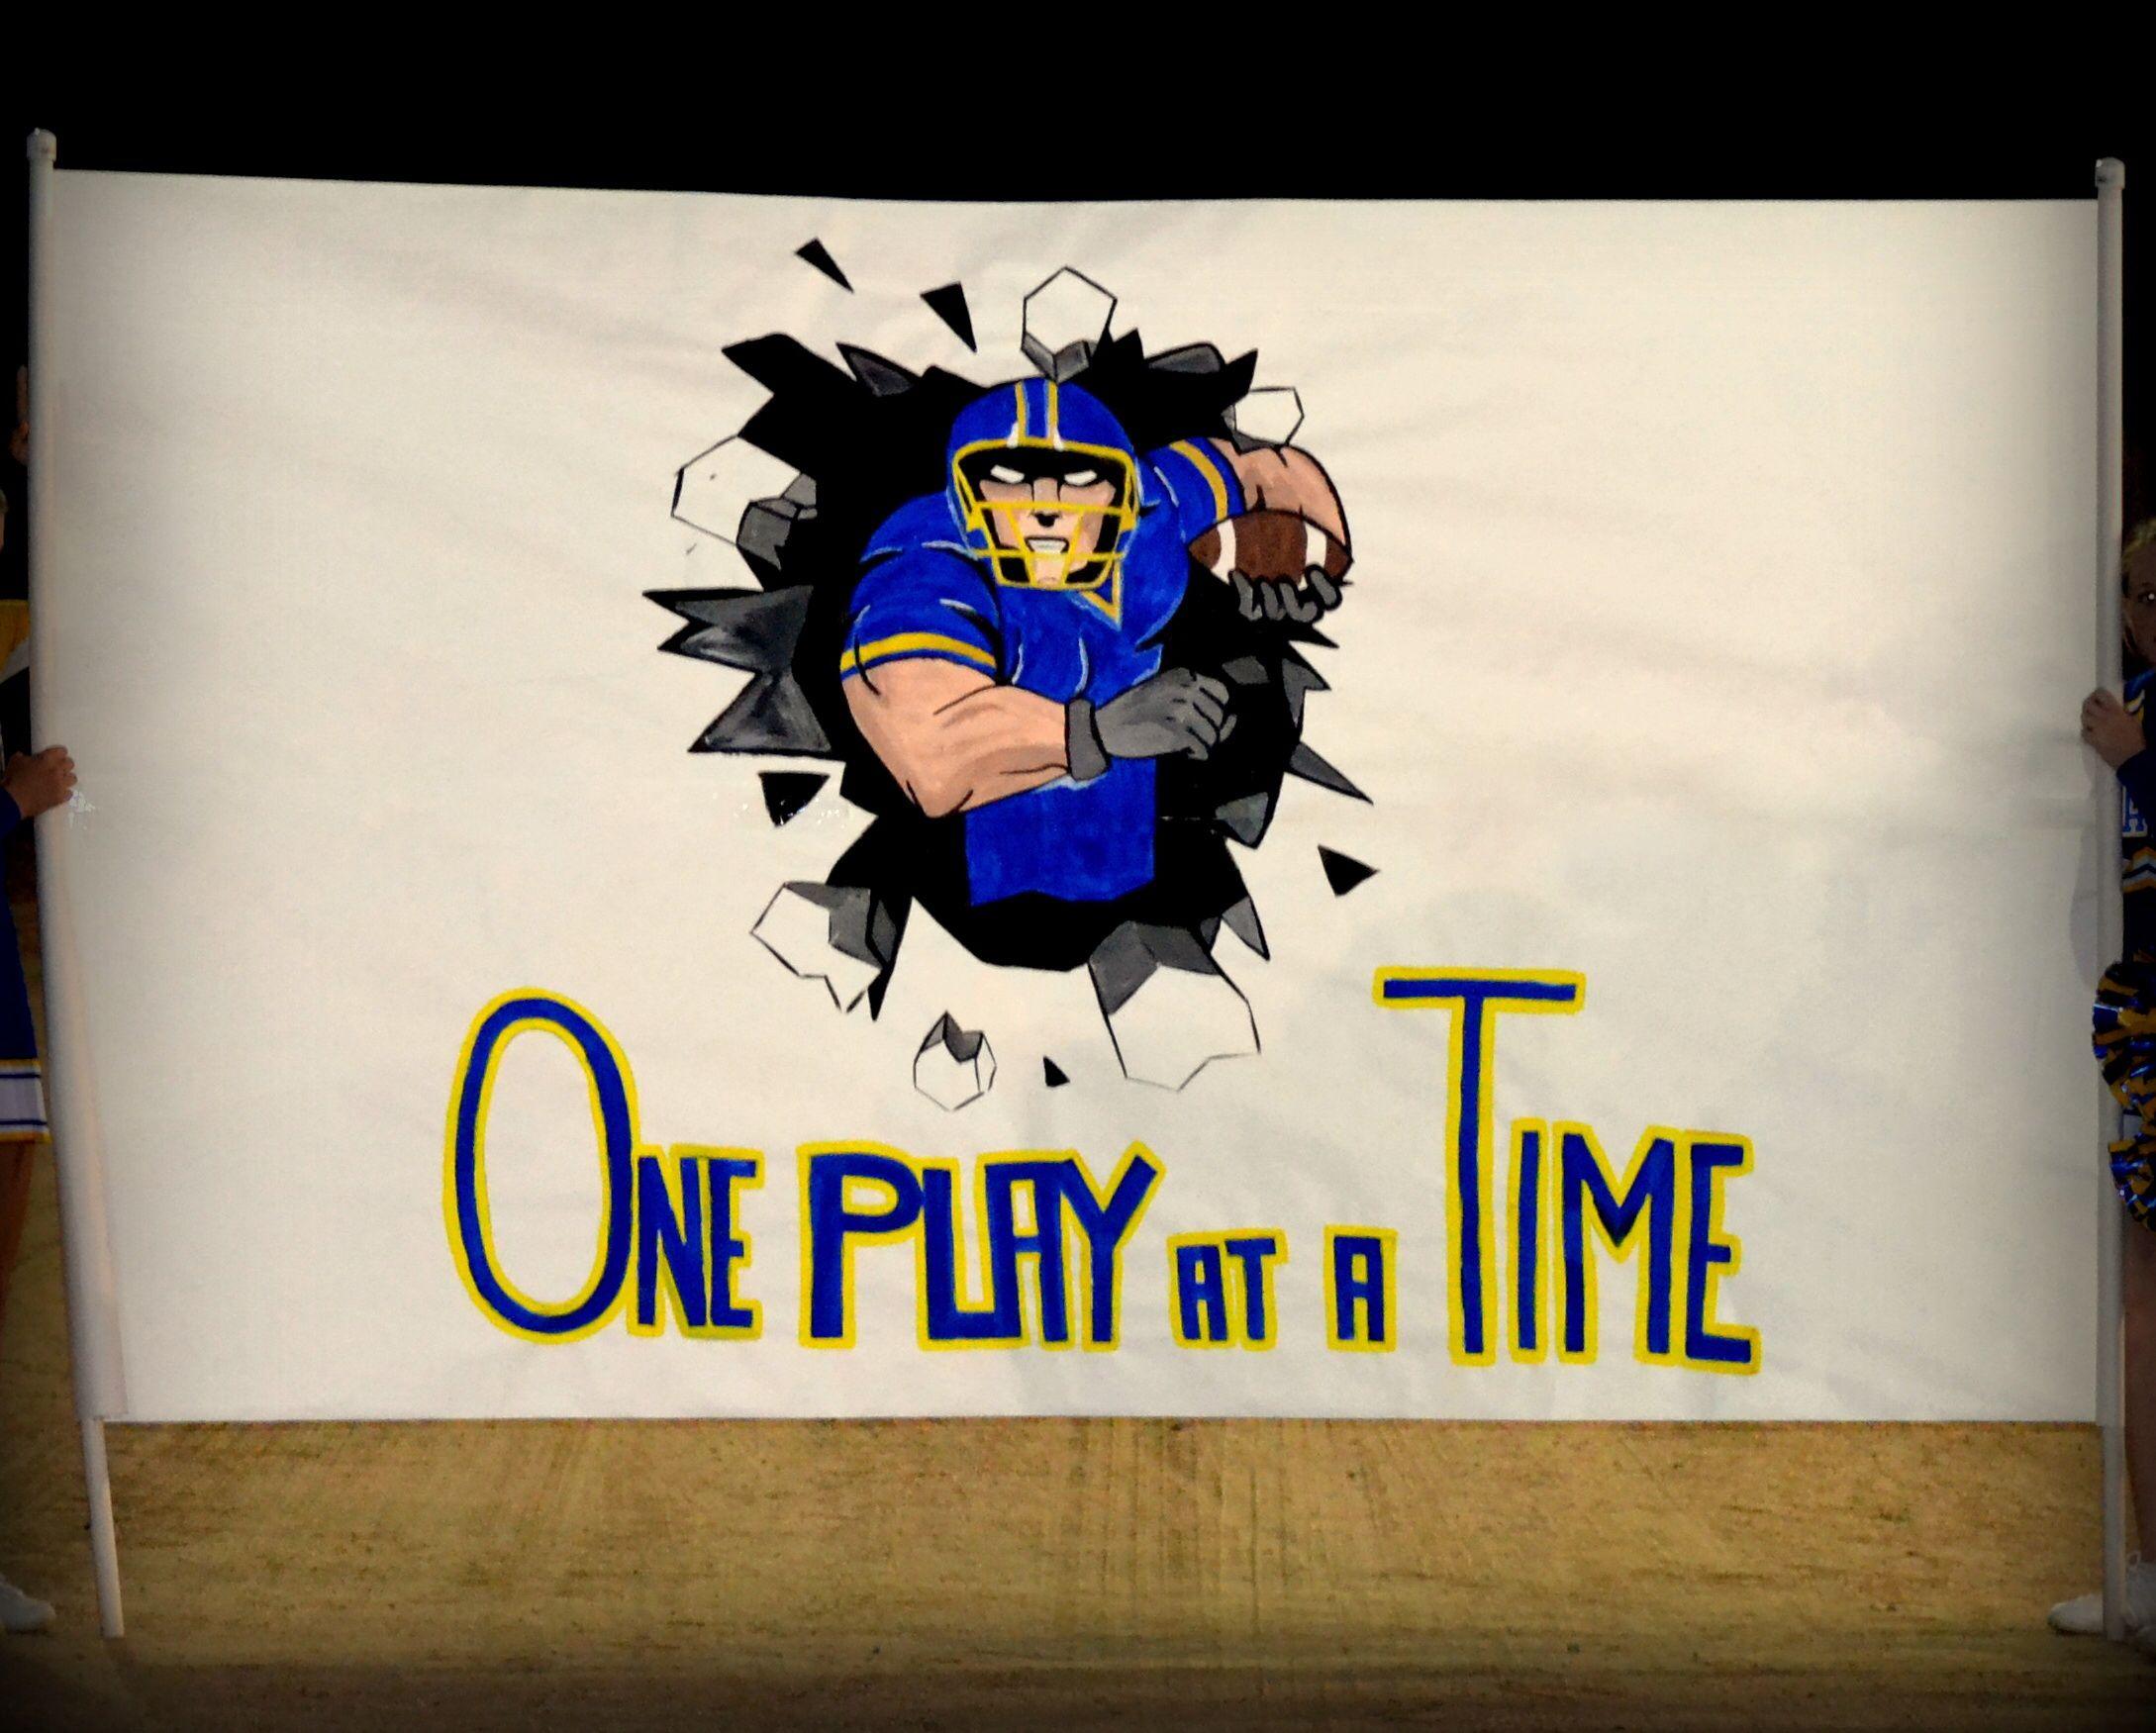 High school football run through one play at a time